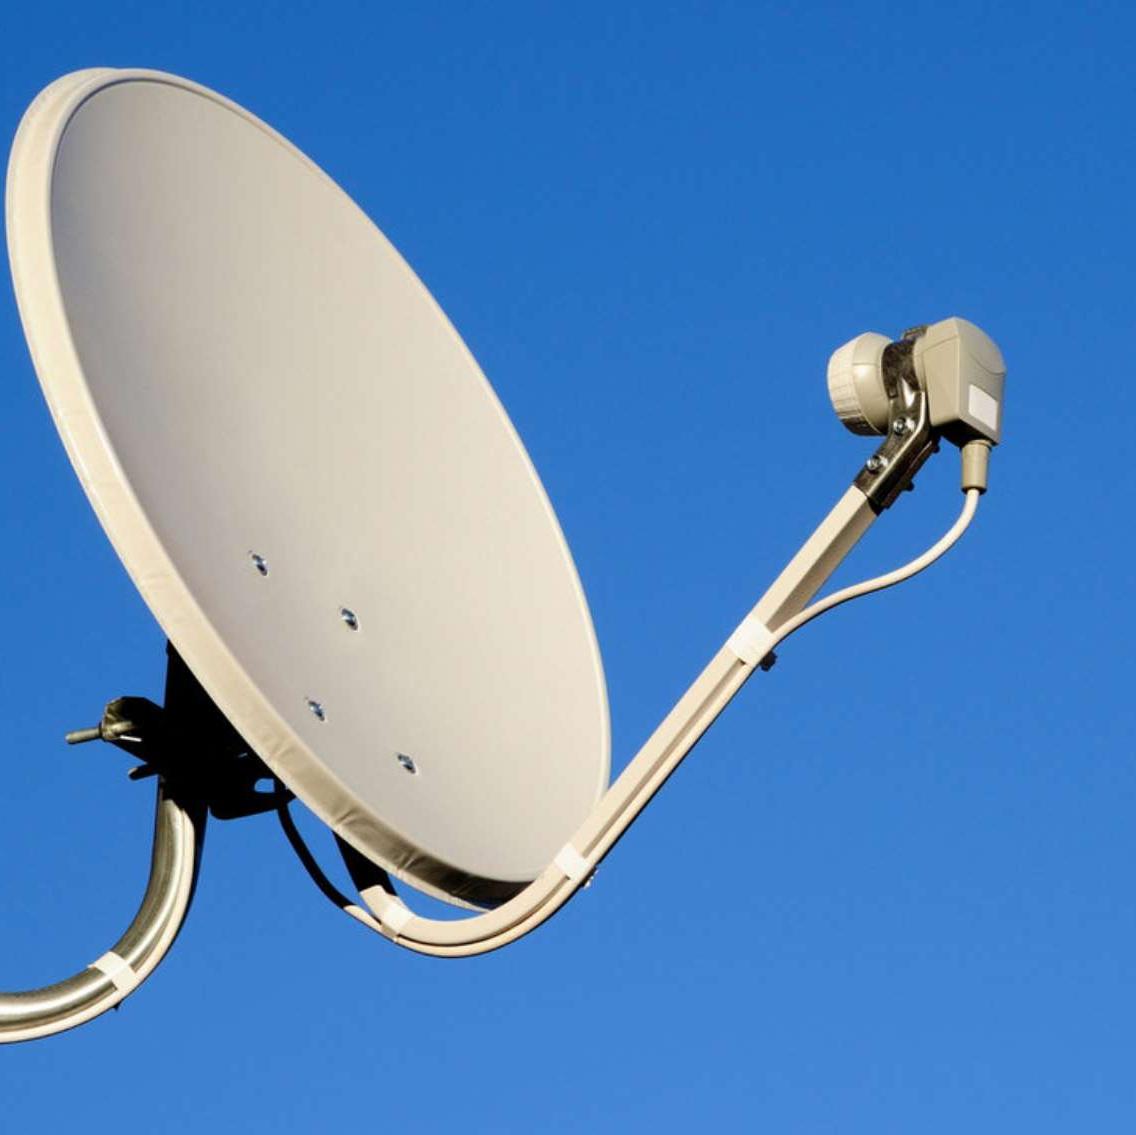 Как правильно установить спутниковую тарелку - 7 ошибок. поиск и настройка каналов мтс, триколор, нтв+. подключение мультисвитчей.